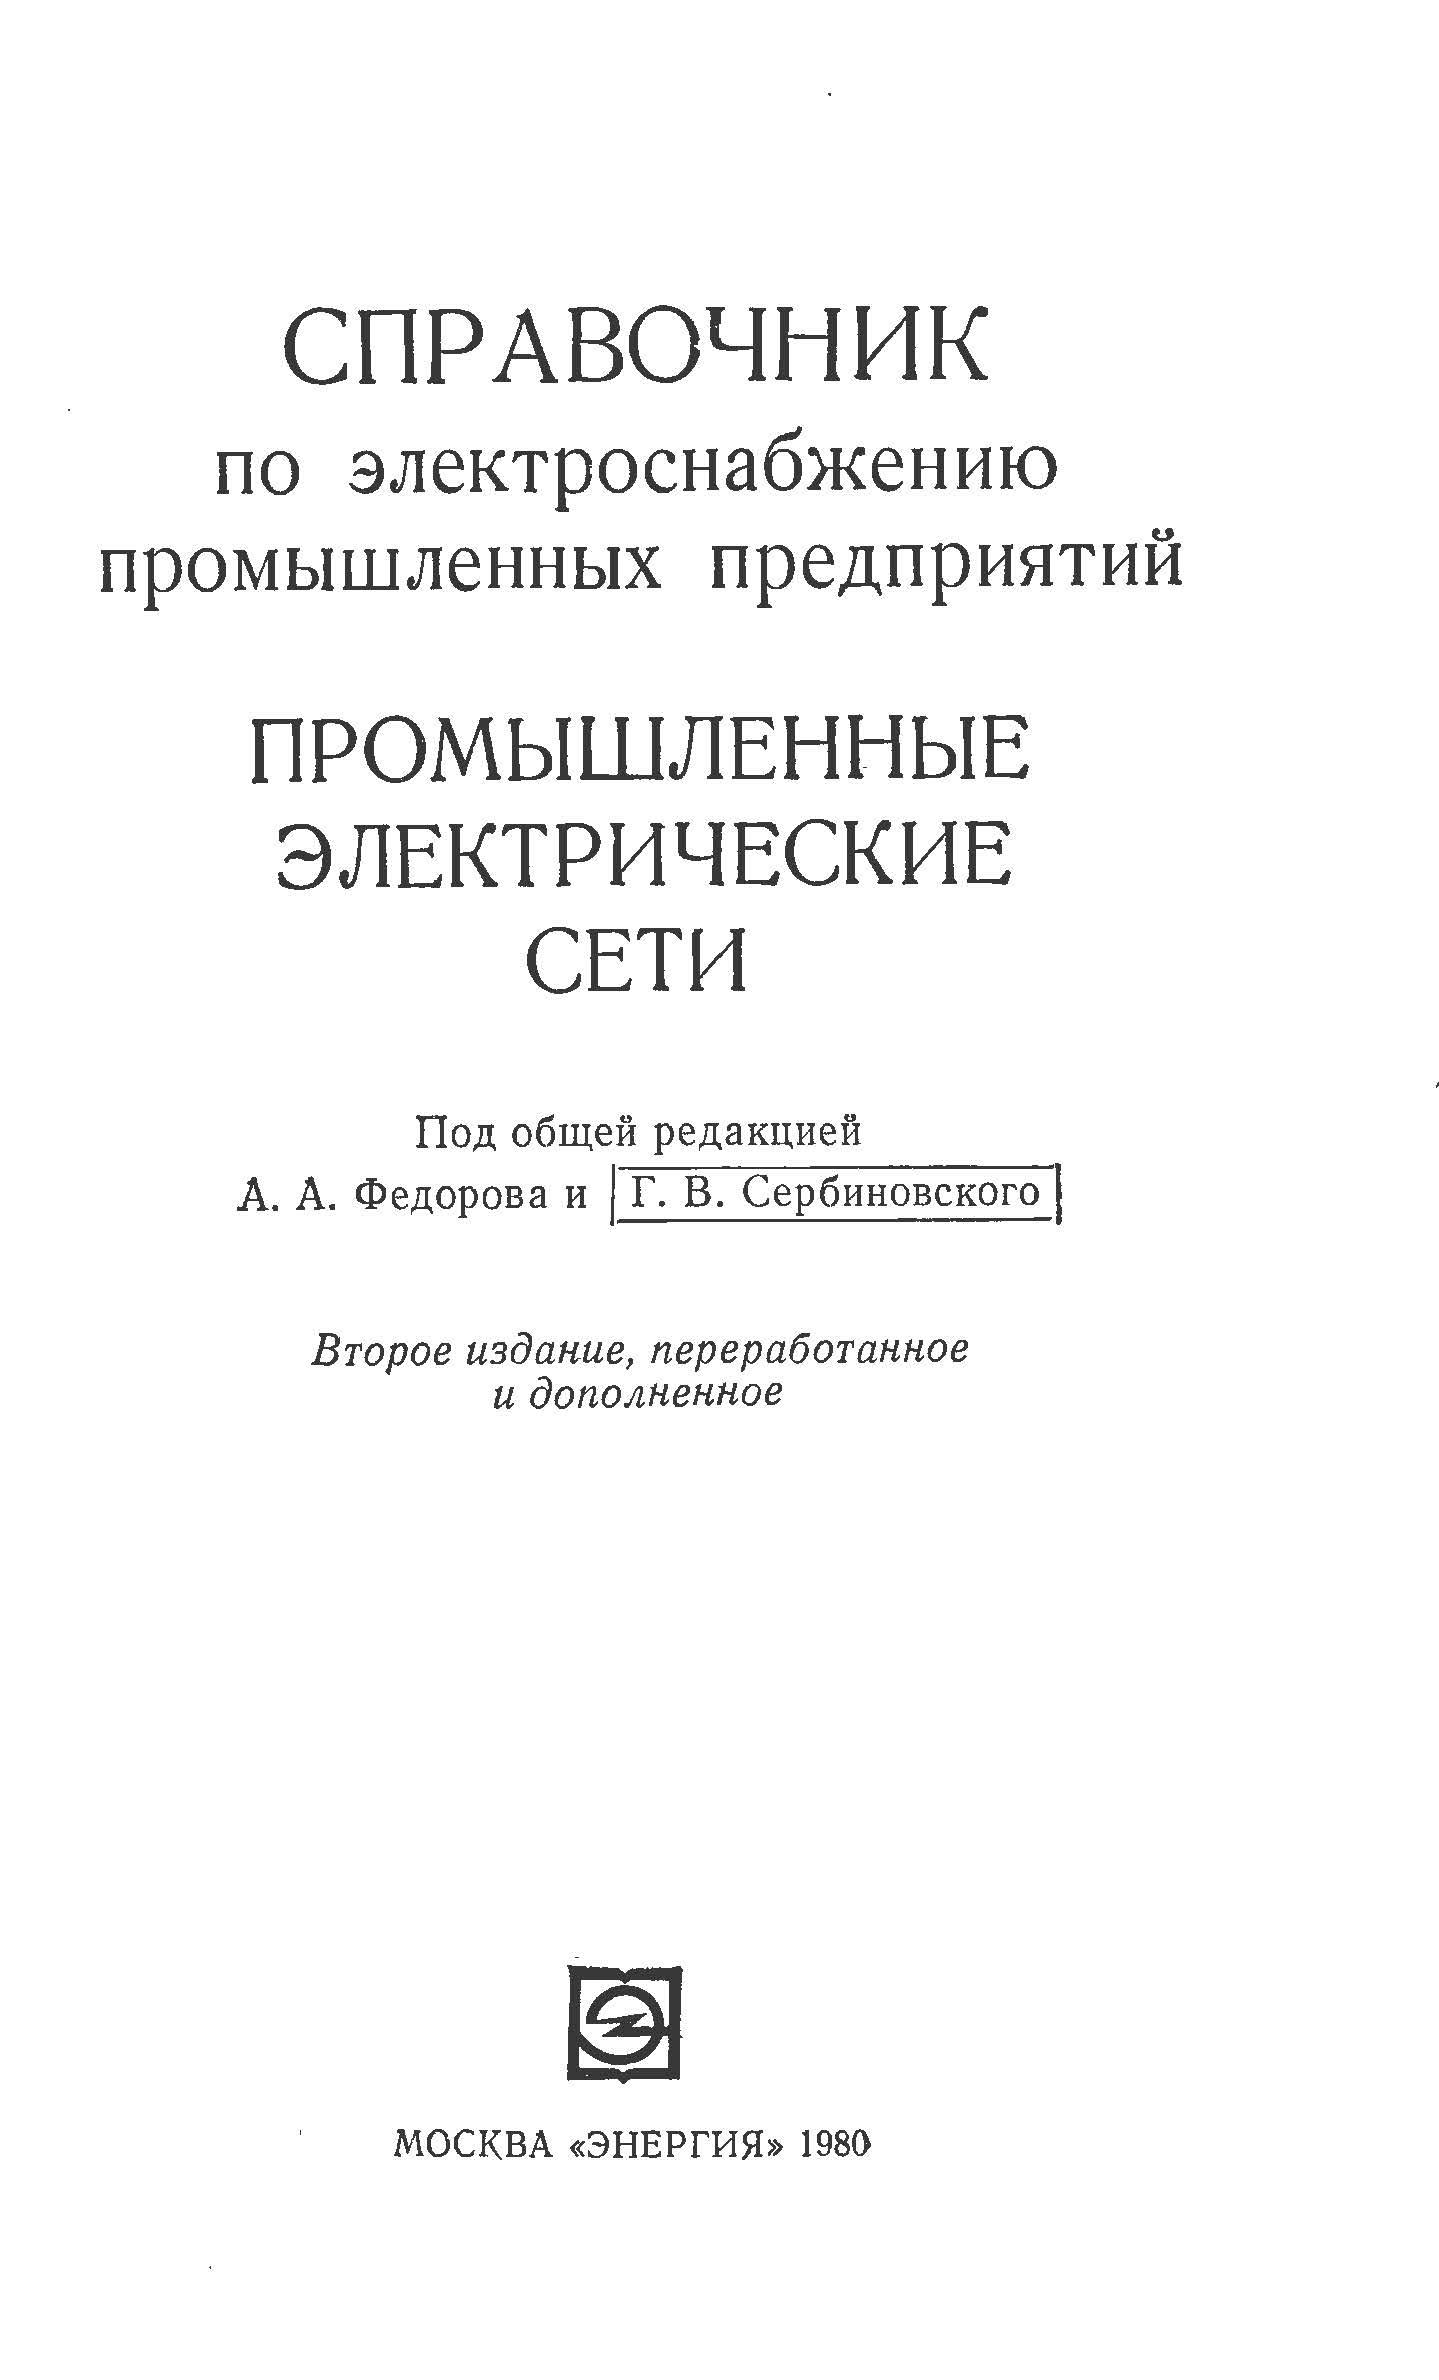 Е23-9 «вып. 9. шинопроводы и троллеи»